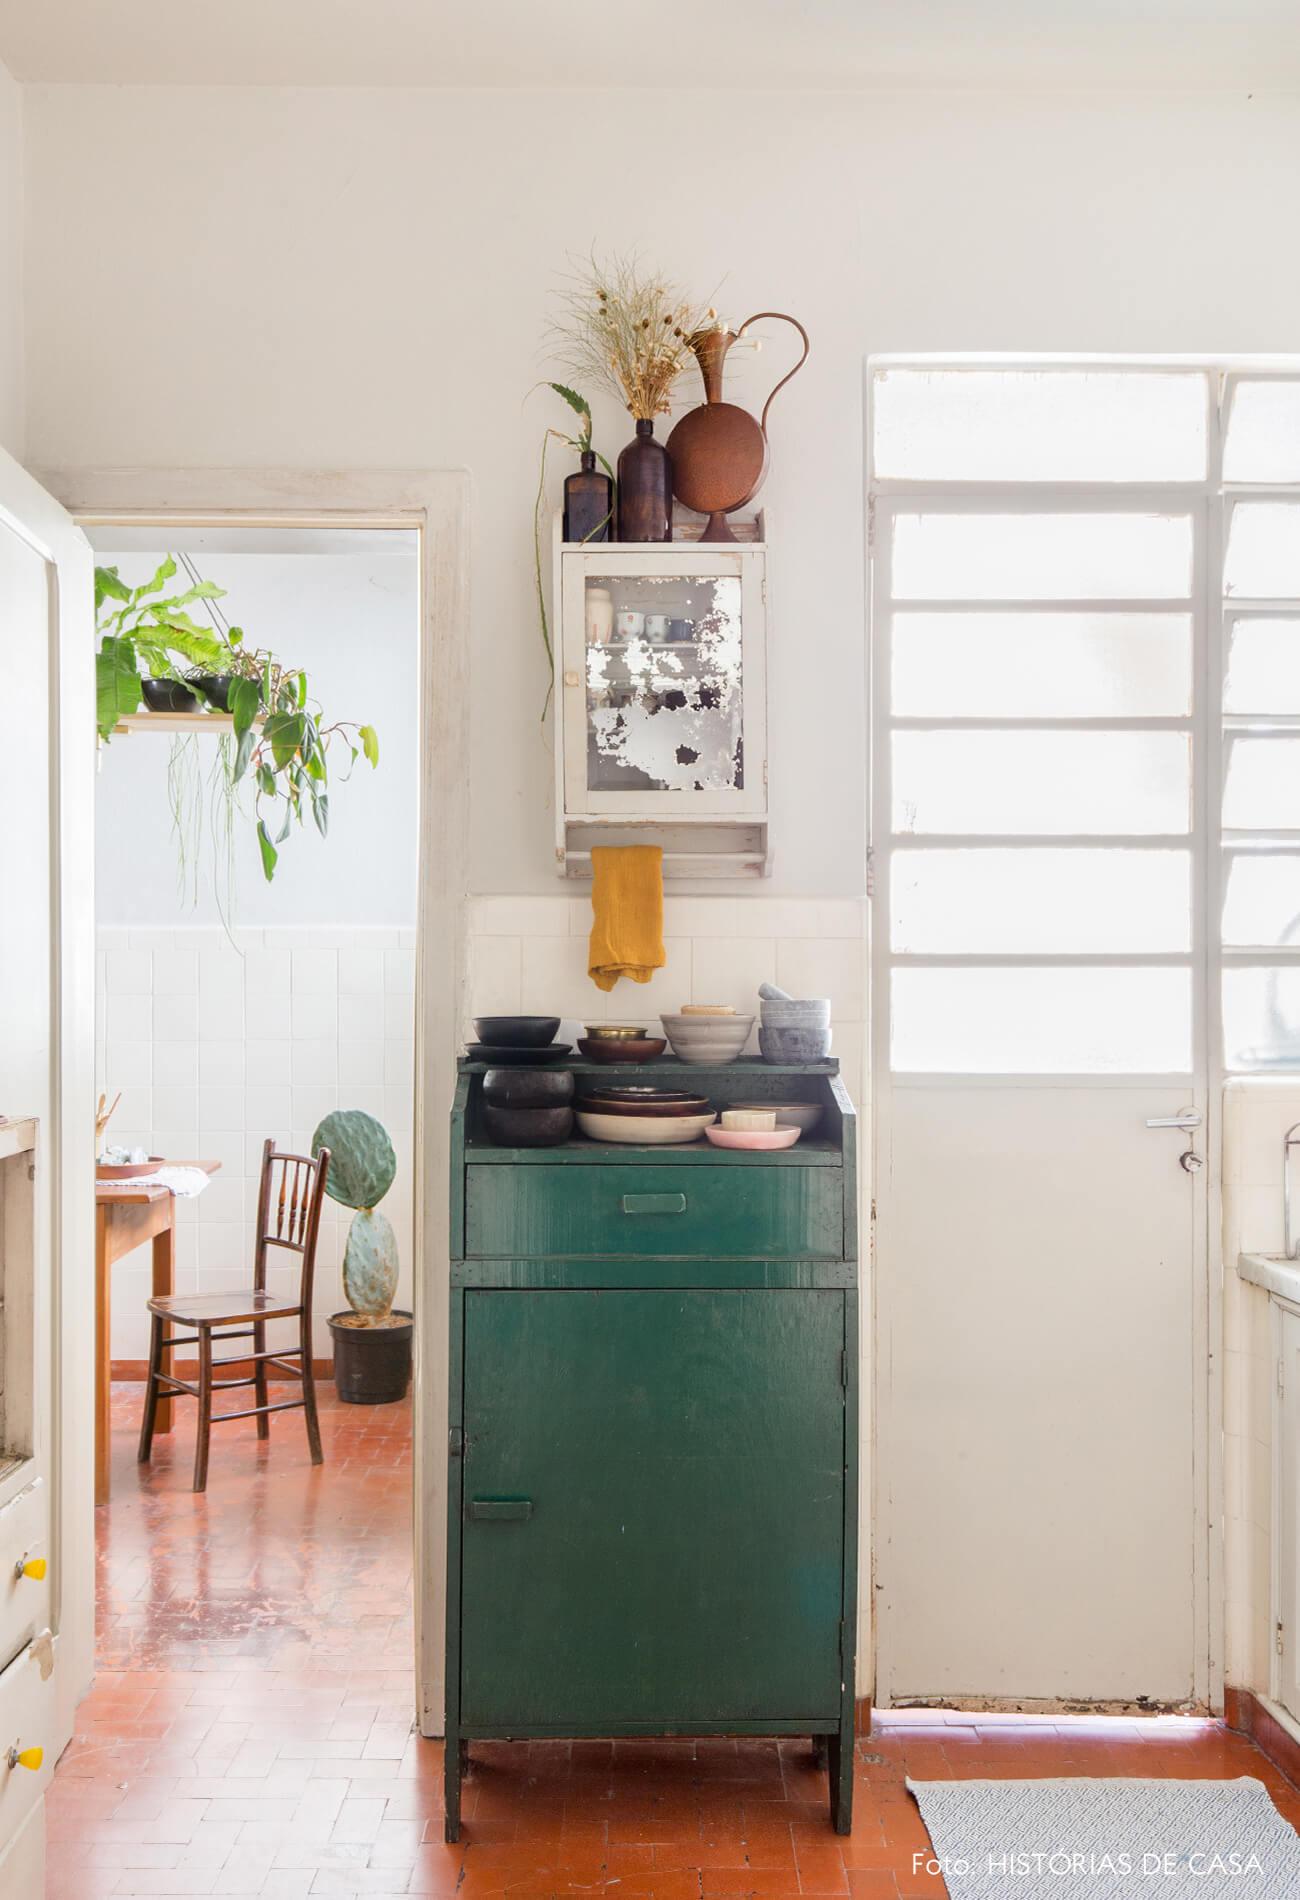 cozinha com armário verde e paredes brancas